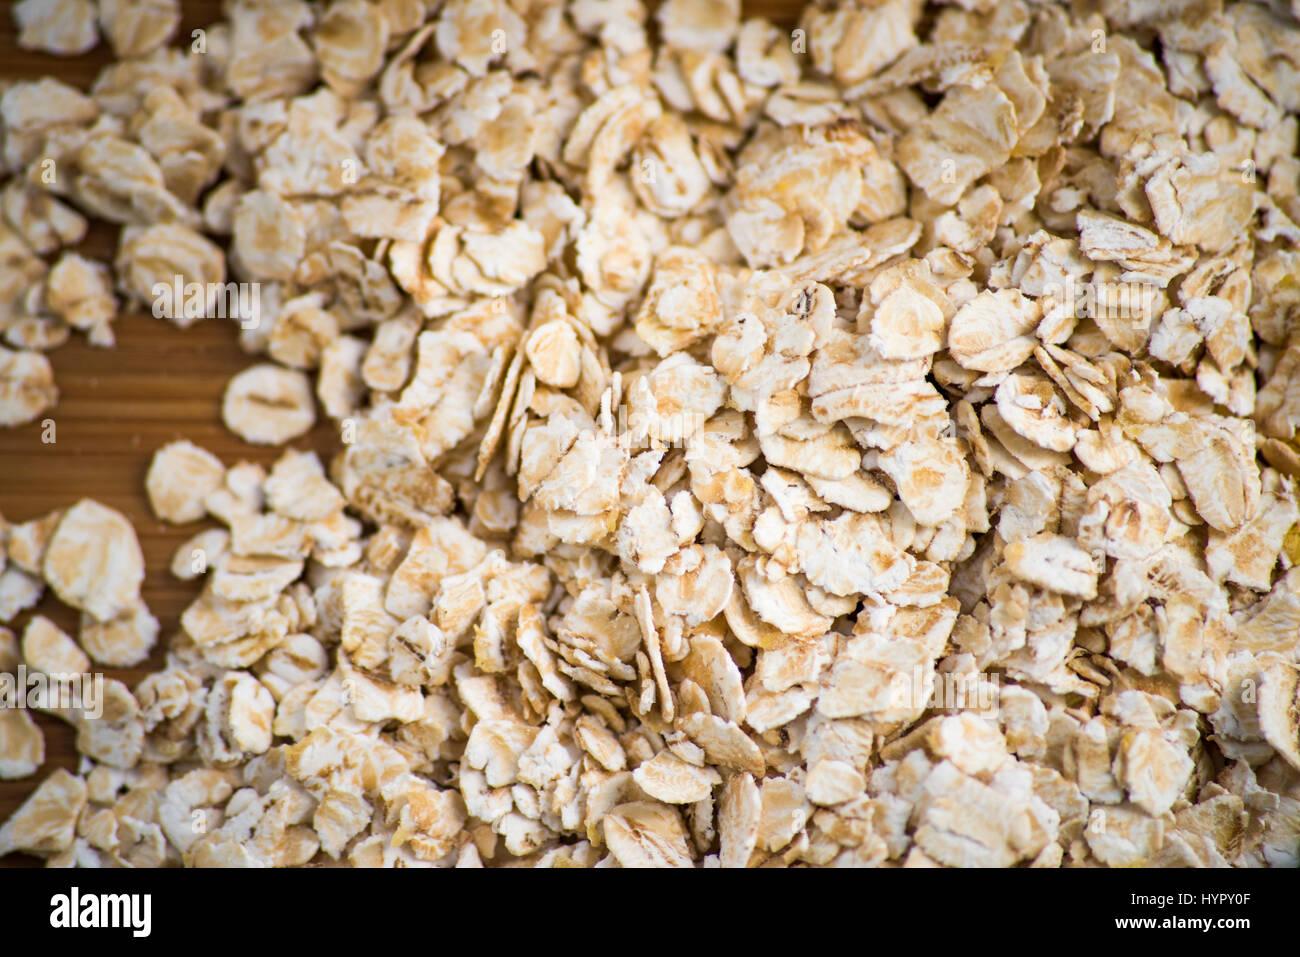 golden syrup porridge stockfotos golden syrup porridge bilder alamy. Black Bedroom Furniture Sets. Home Design Ideas